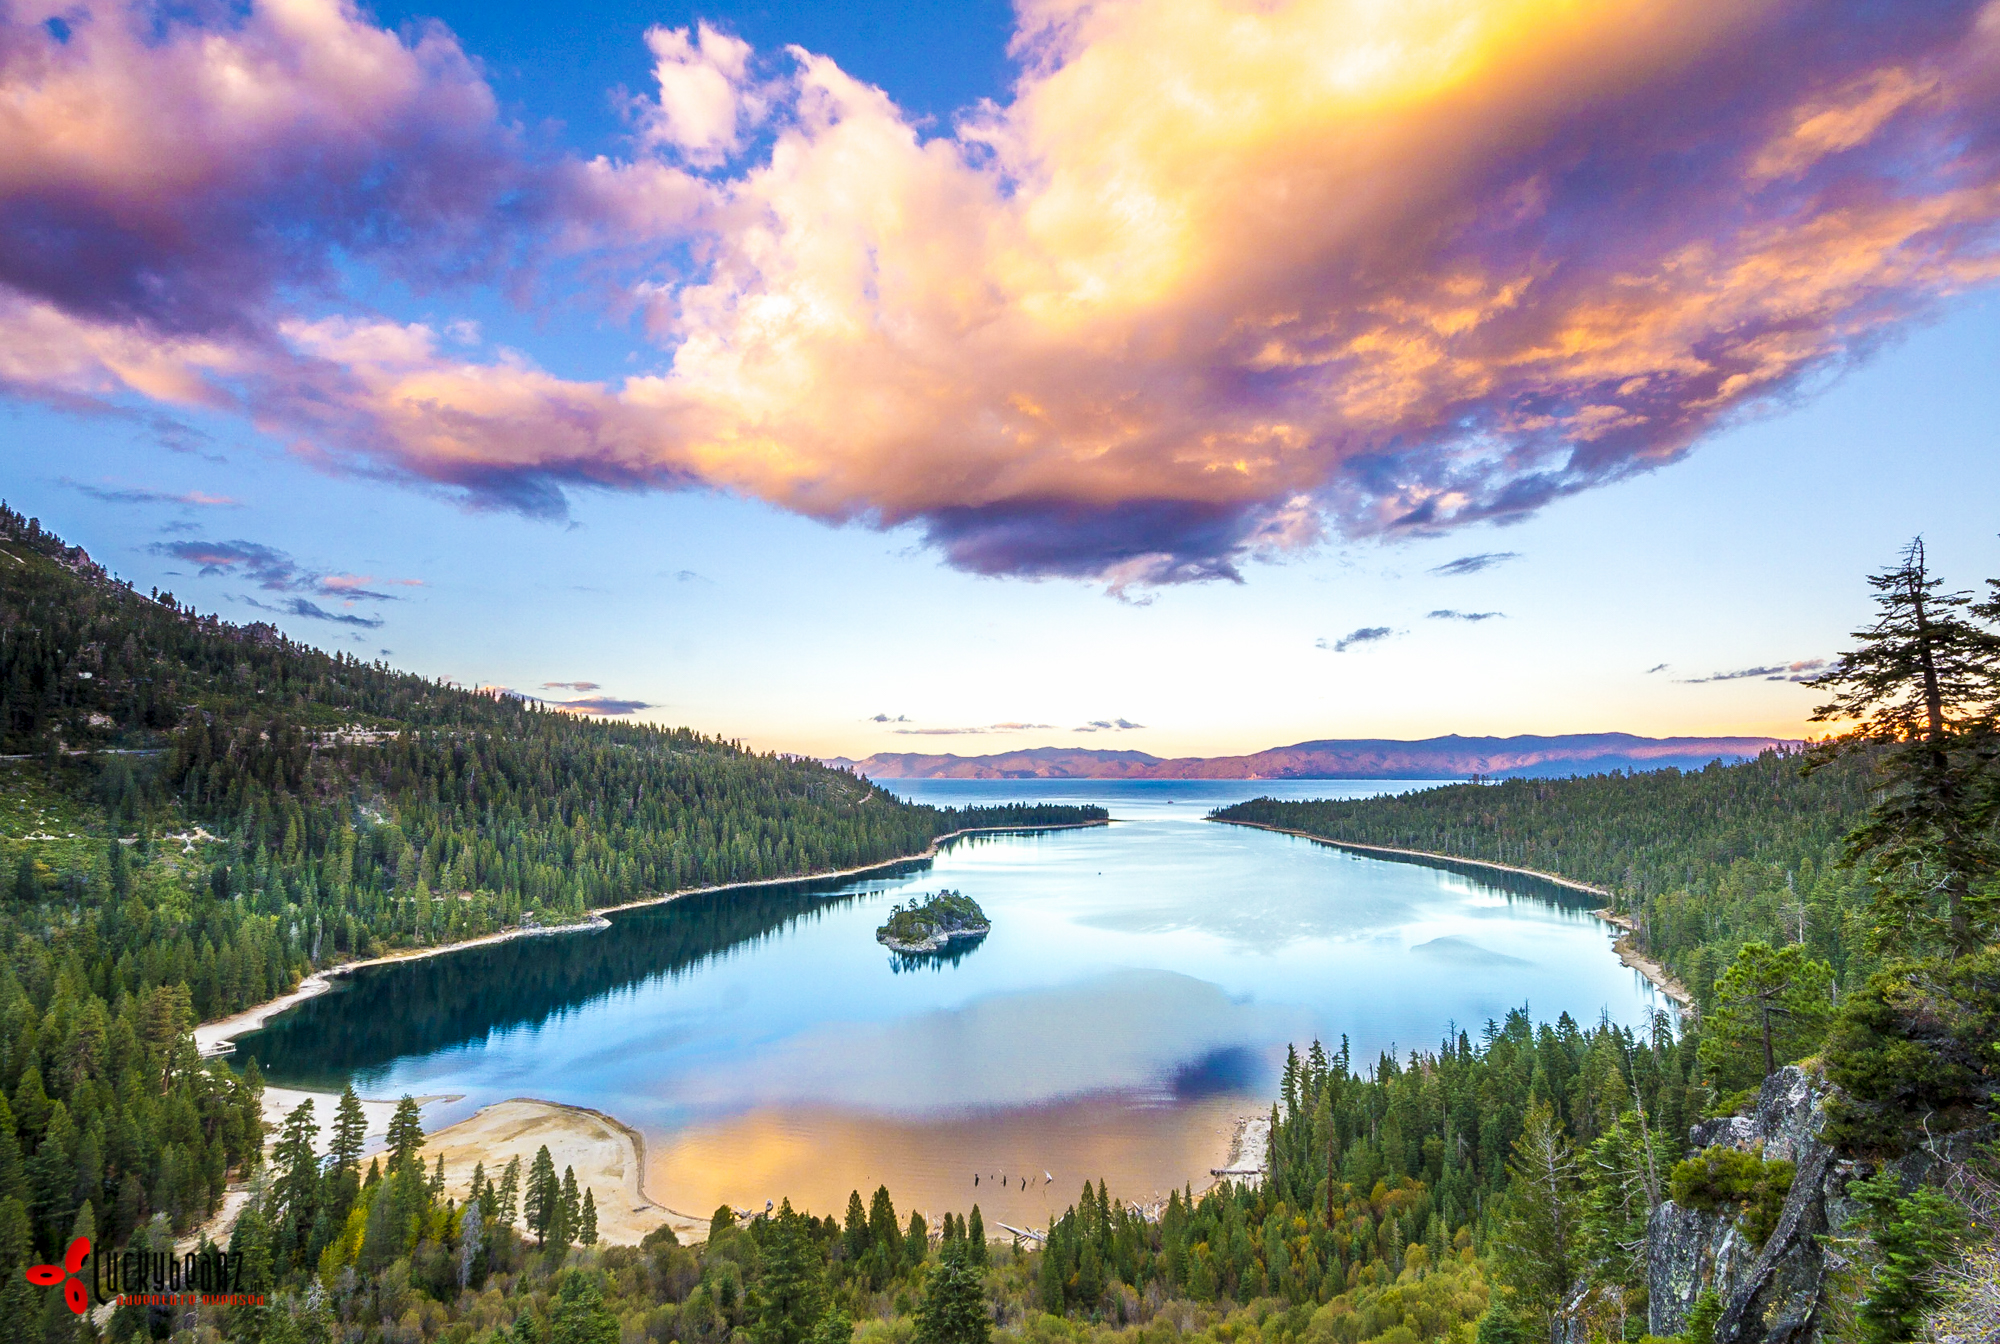 Tahoe Beauty - Emerald Bay